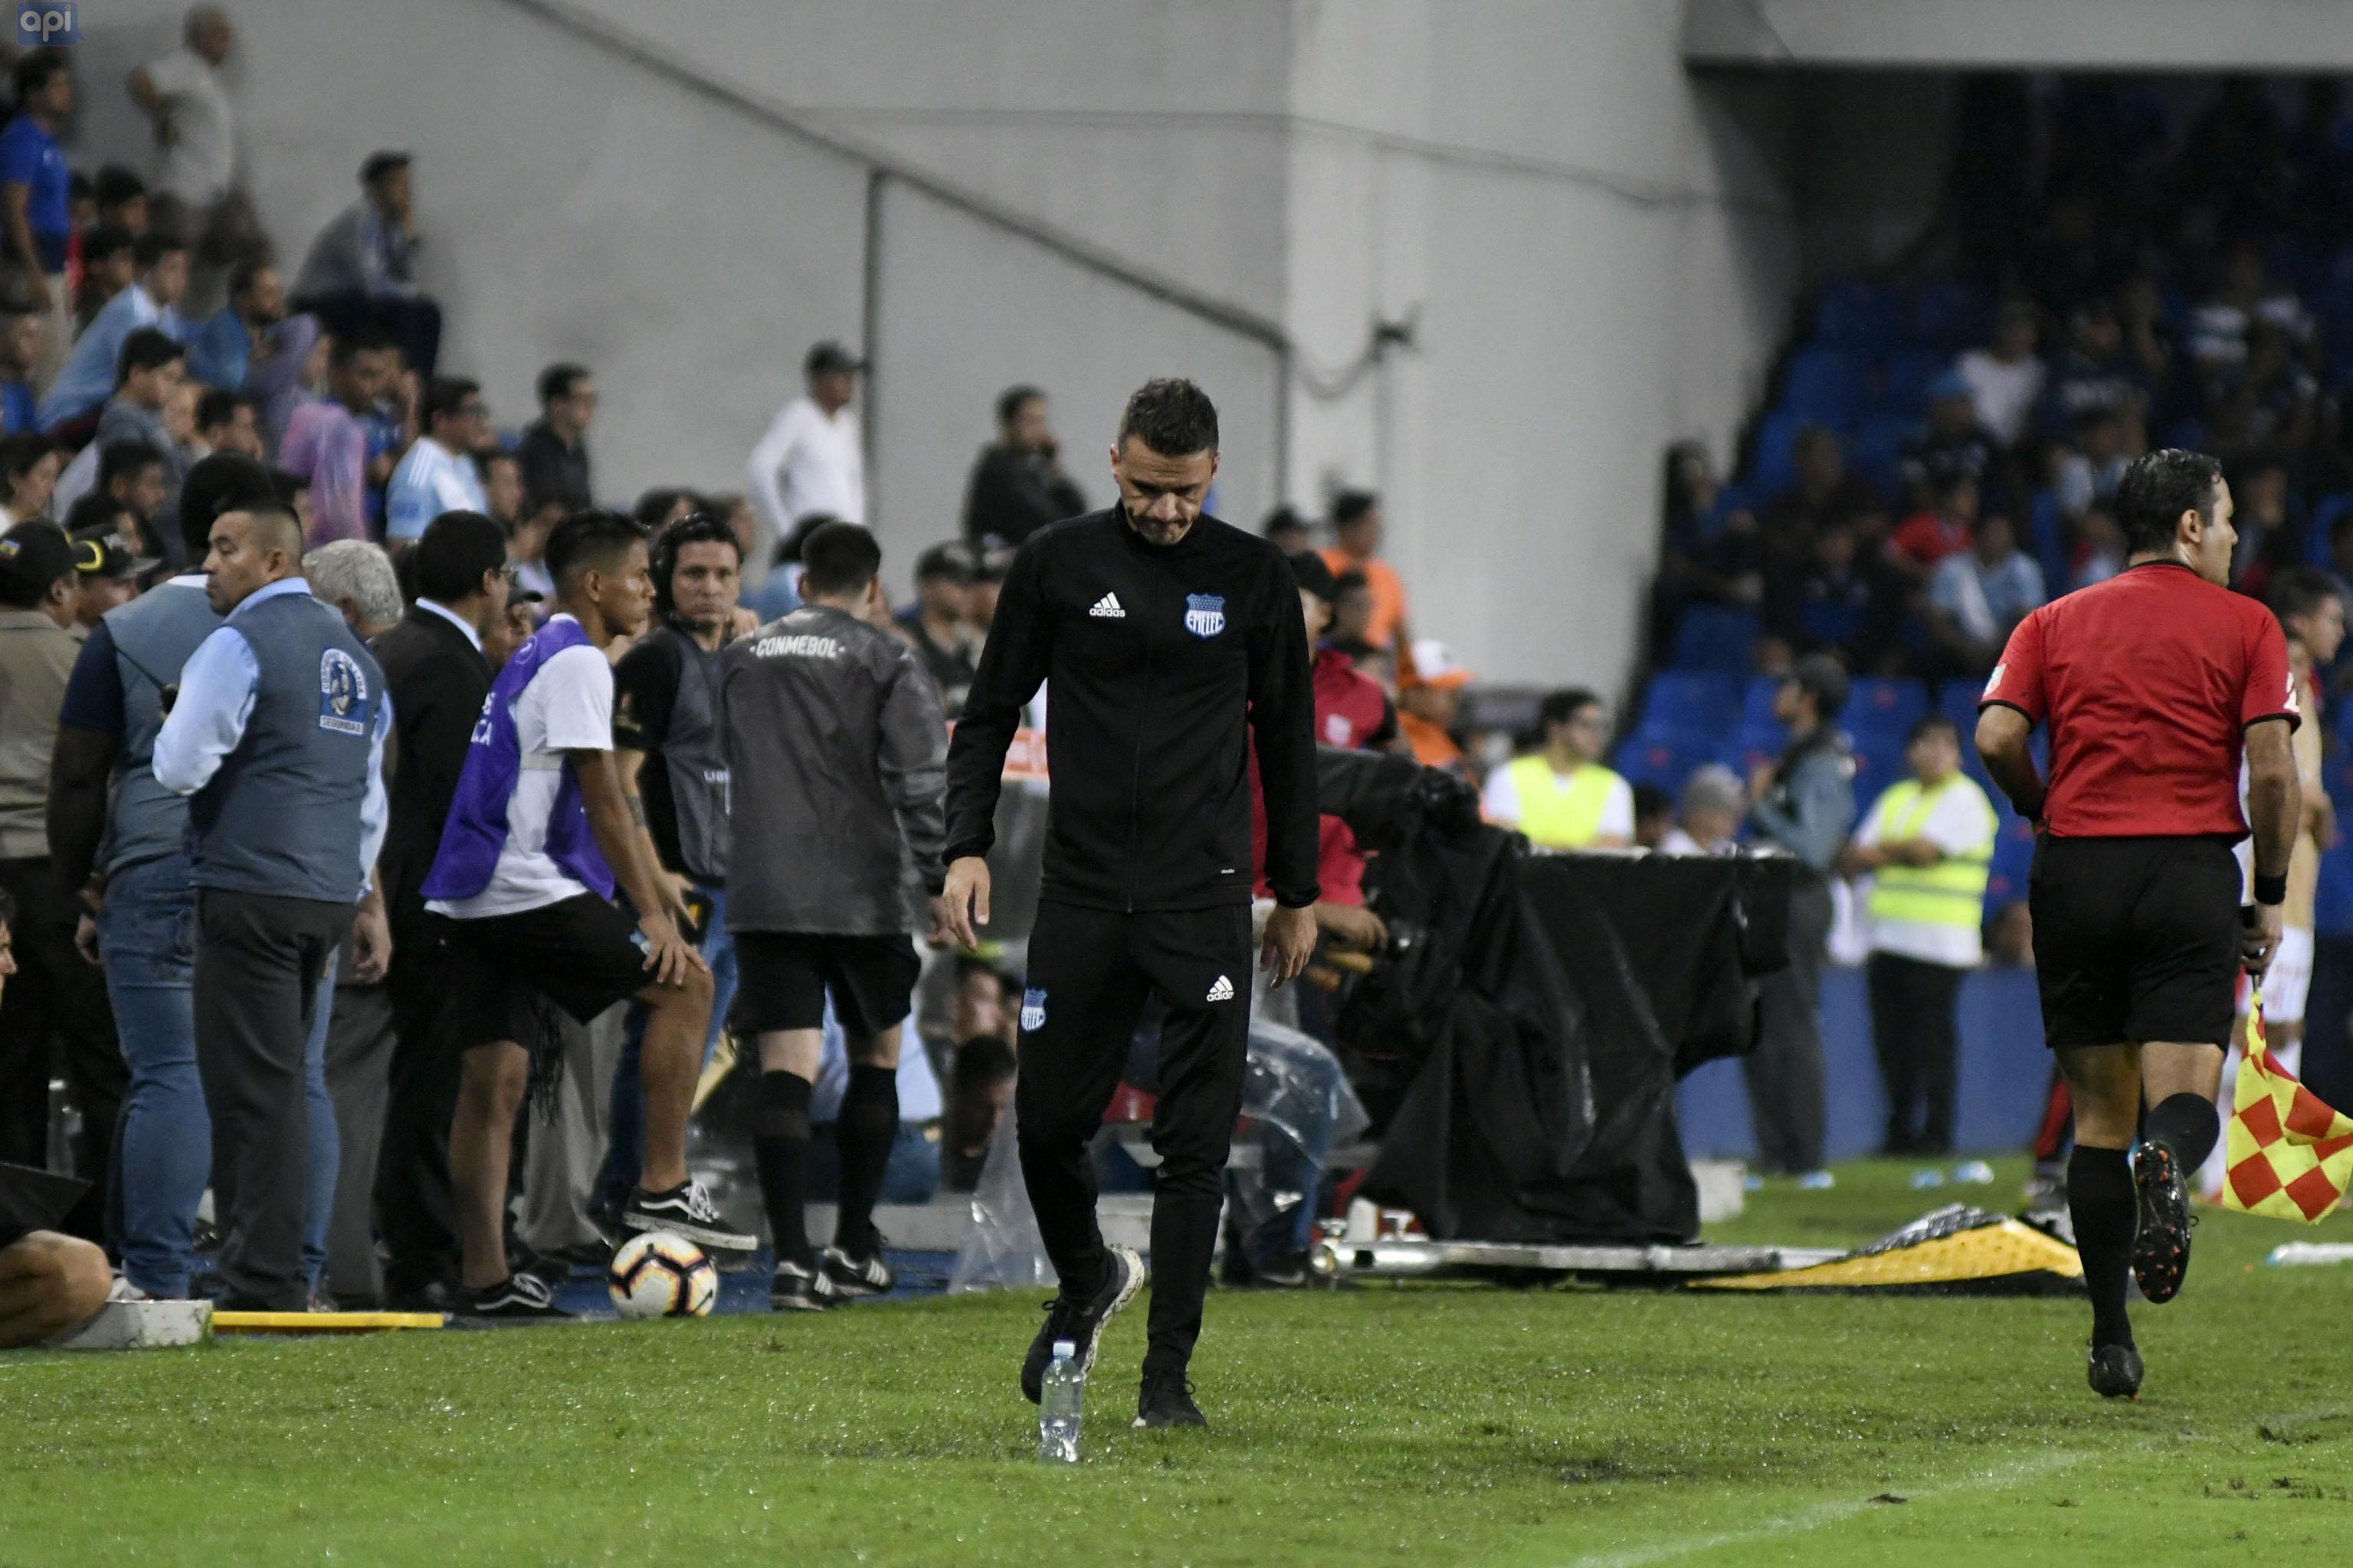 El técnico argentino anunció su salida de Emelec, luego de la caída ante Guayaquil City